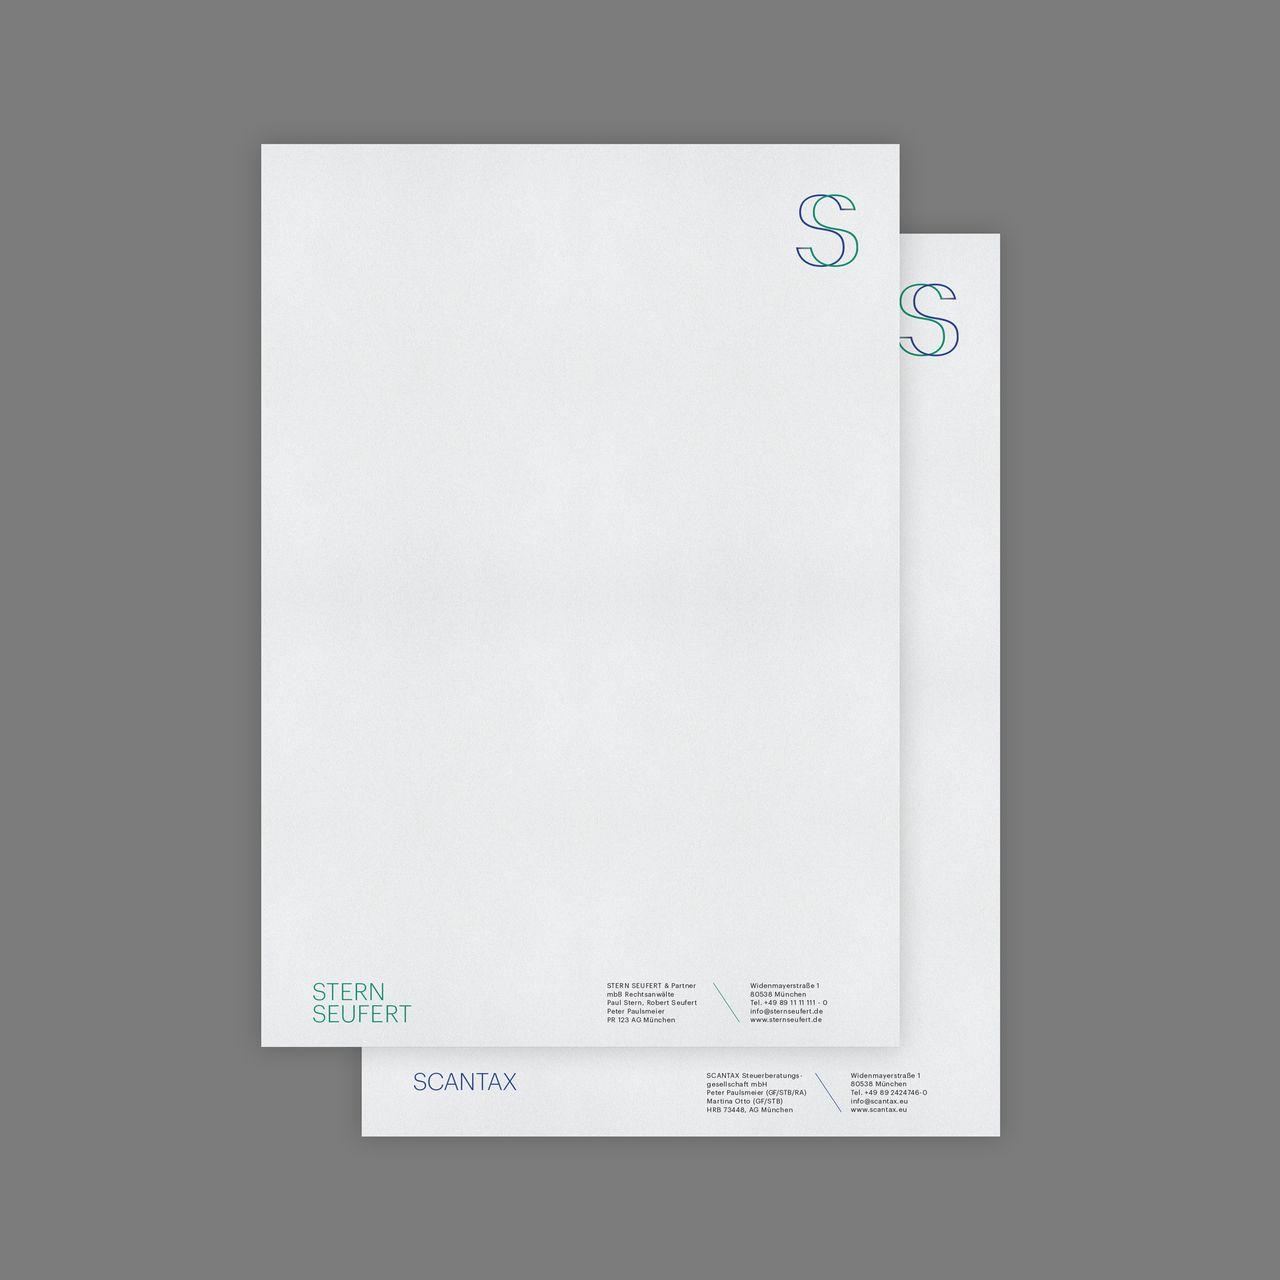 Stern+Seufert, Studio Umlaut